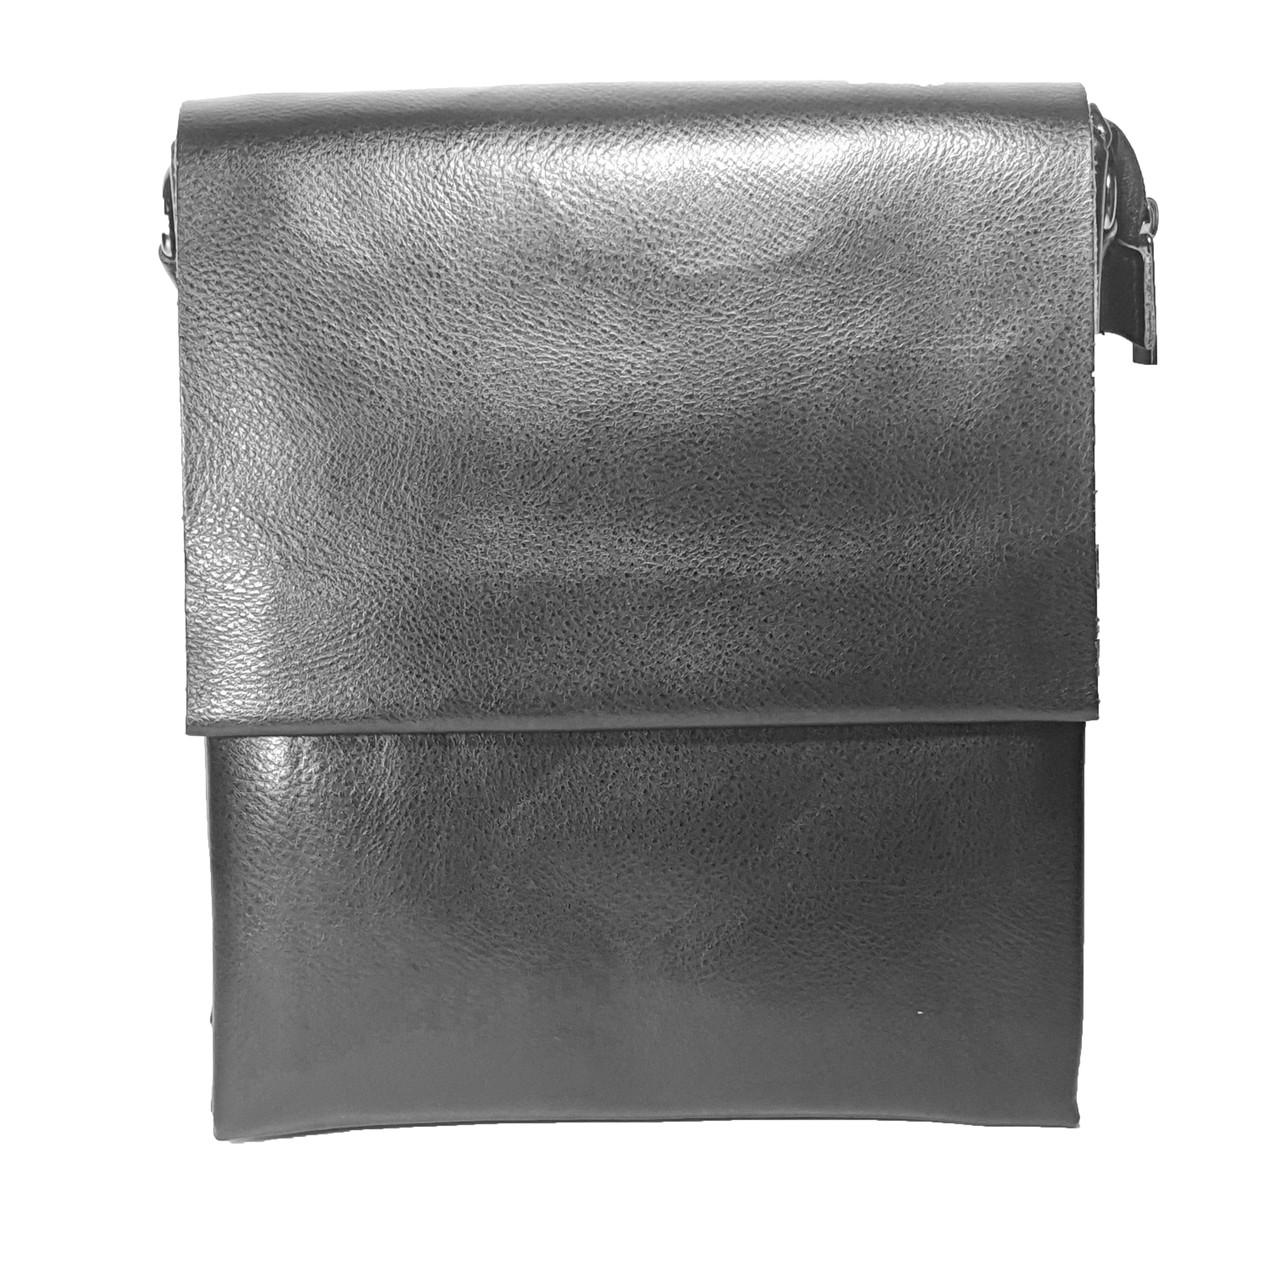 Багатосекційна сумка з шкіряним клапаном